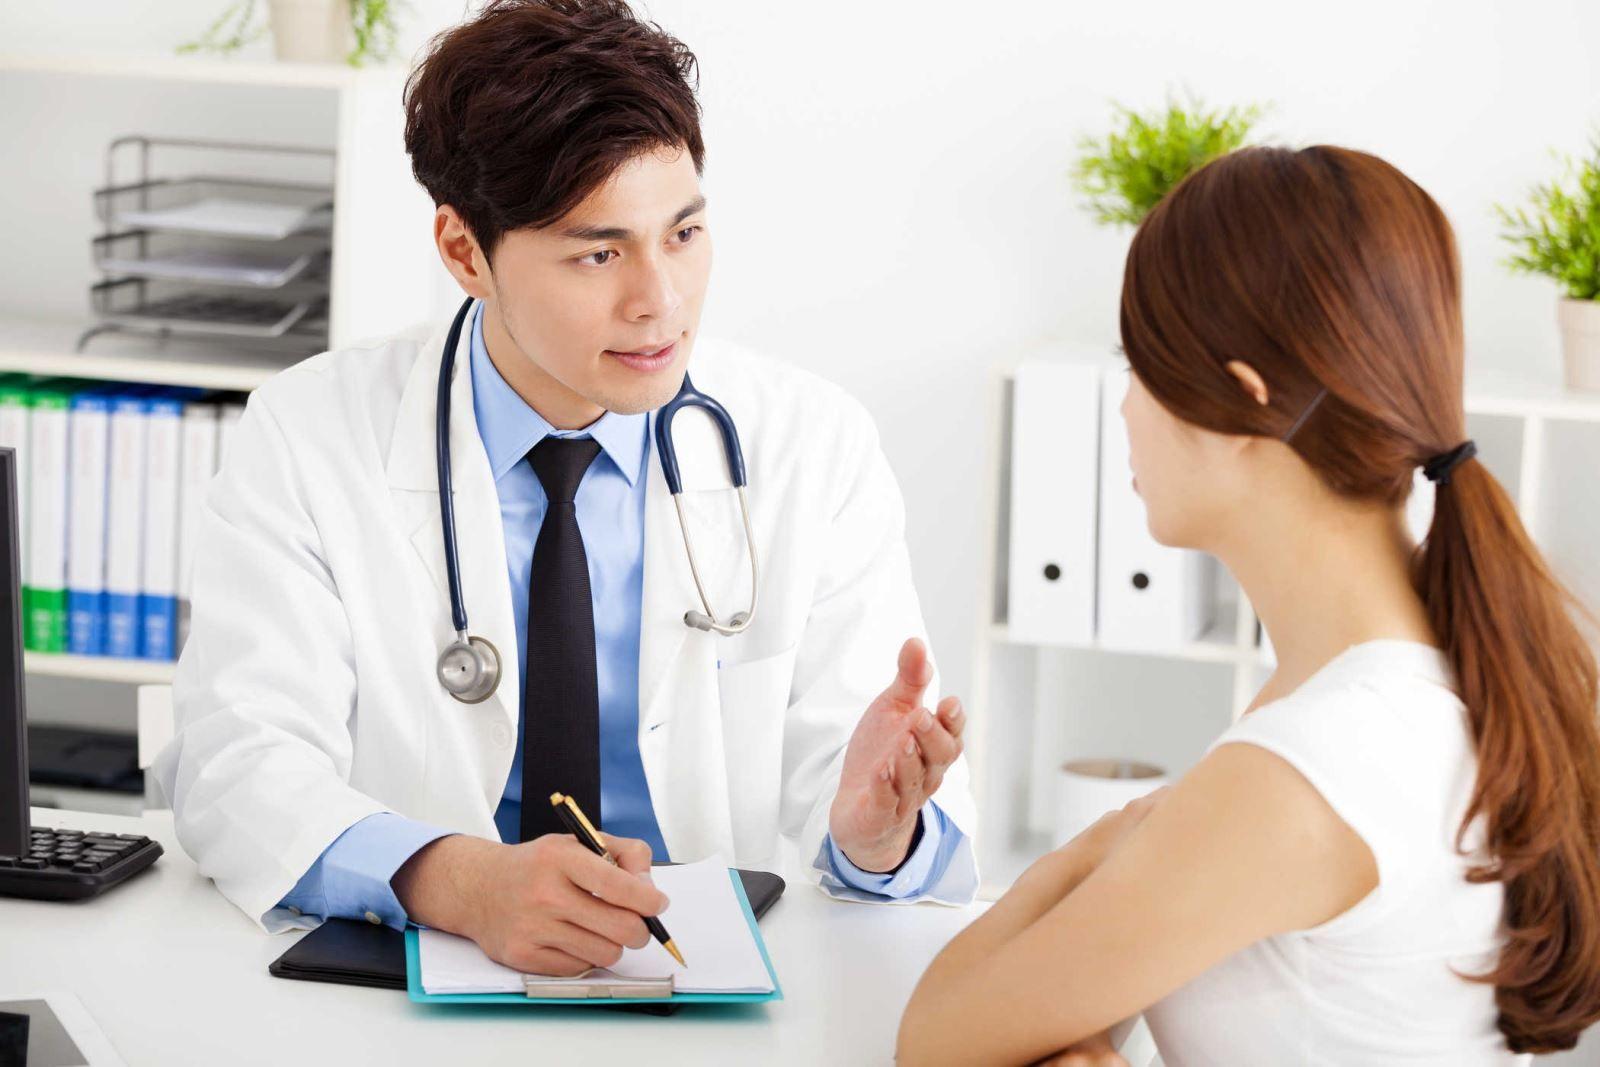 Nếu phát hiện và điều trị bệnh ngay ở giai đoạn đầu thì cơ hội sống của người bệnh sẽ rất cao